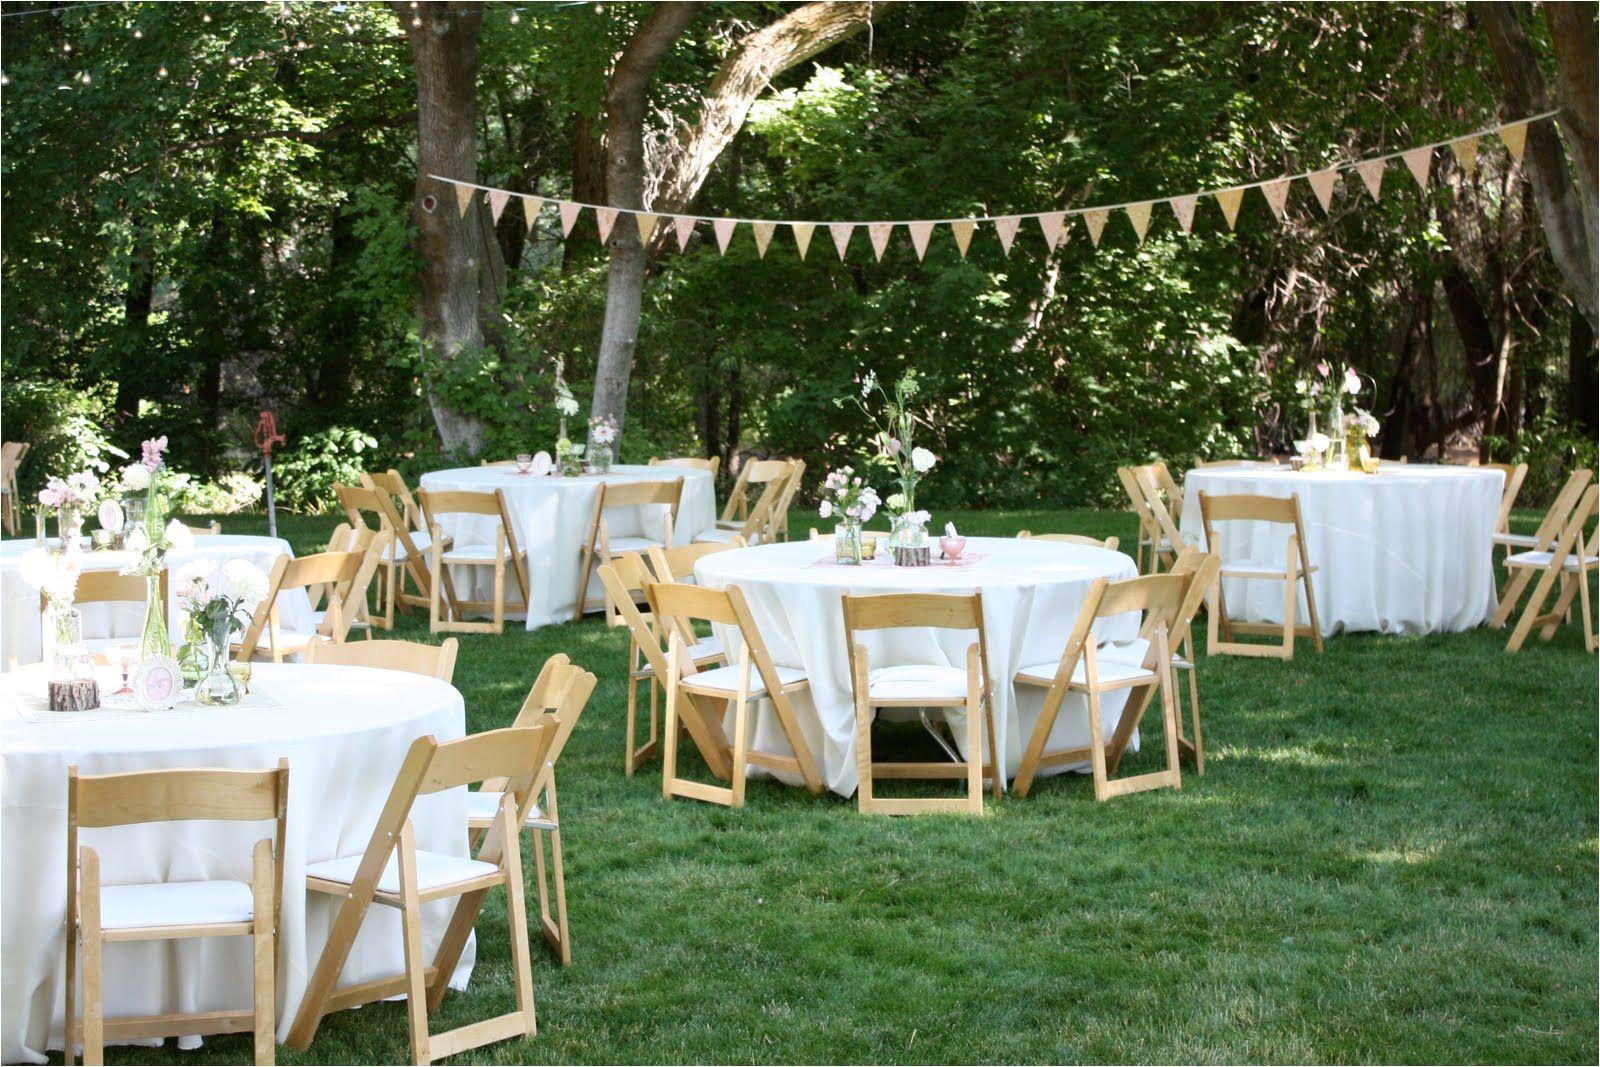 Planning A Home Wedding Backyard Wedding Reception Decoration Ideas Wedding